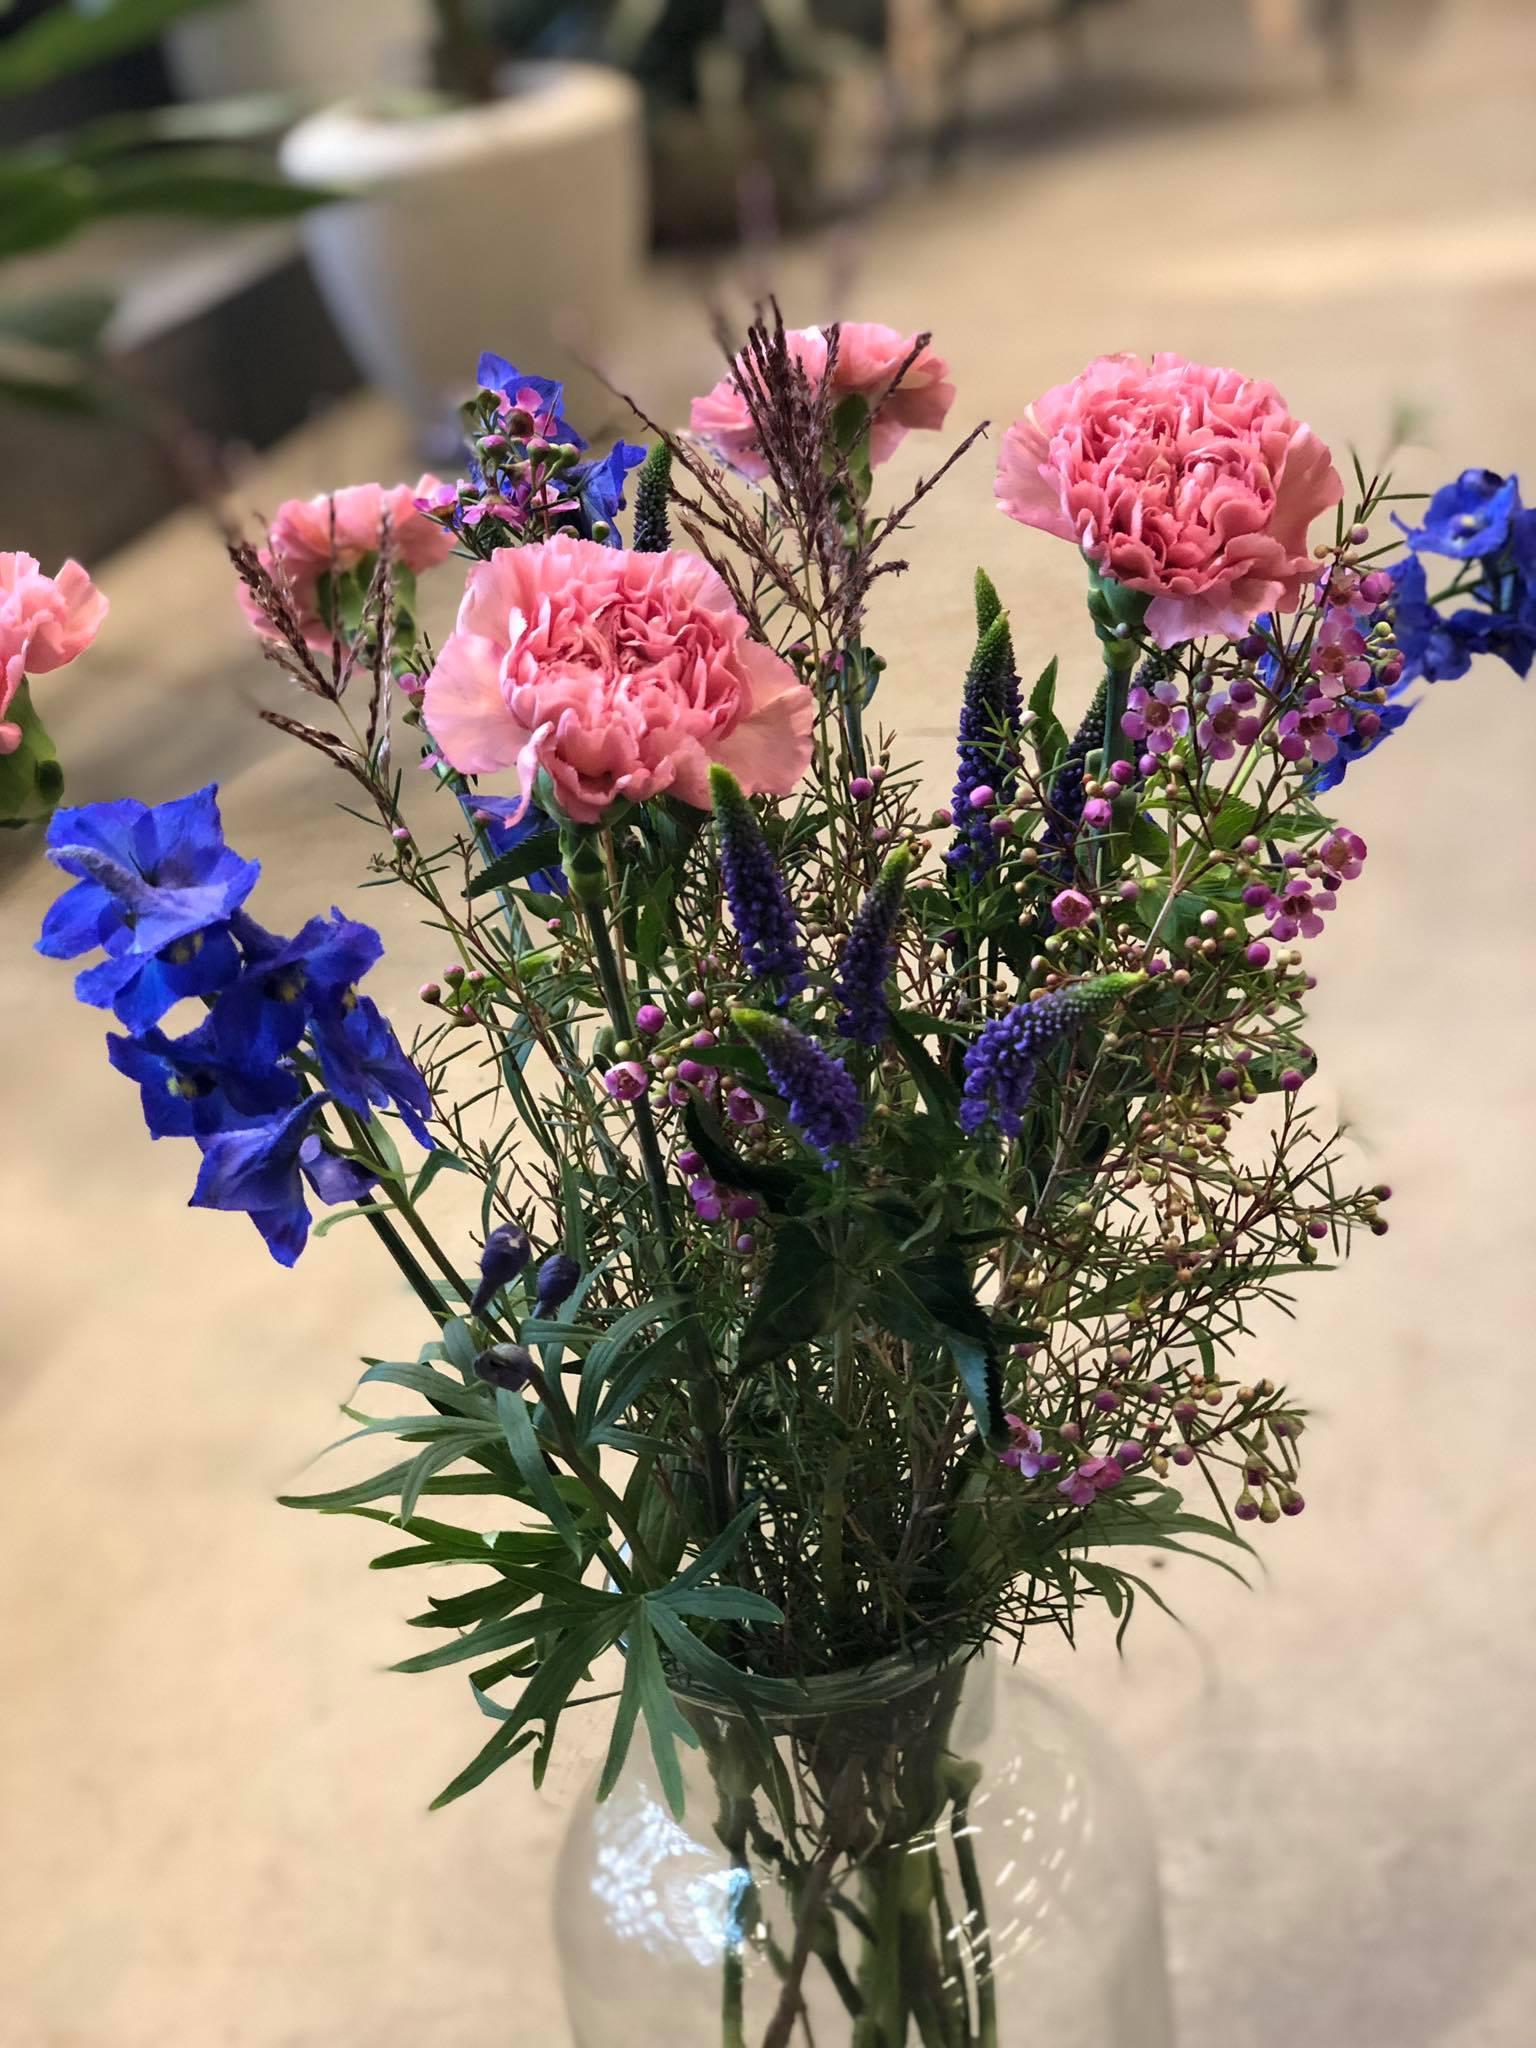 Nädal 12 vaasitäis lillerõõmu